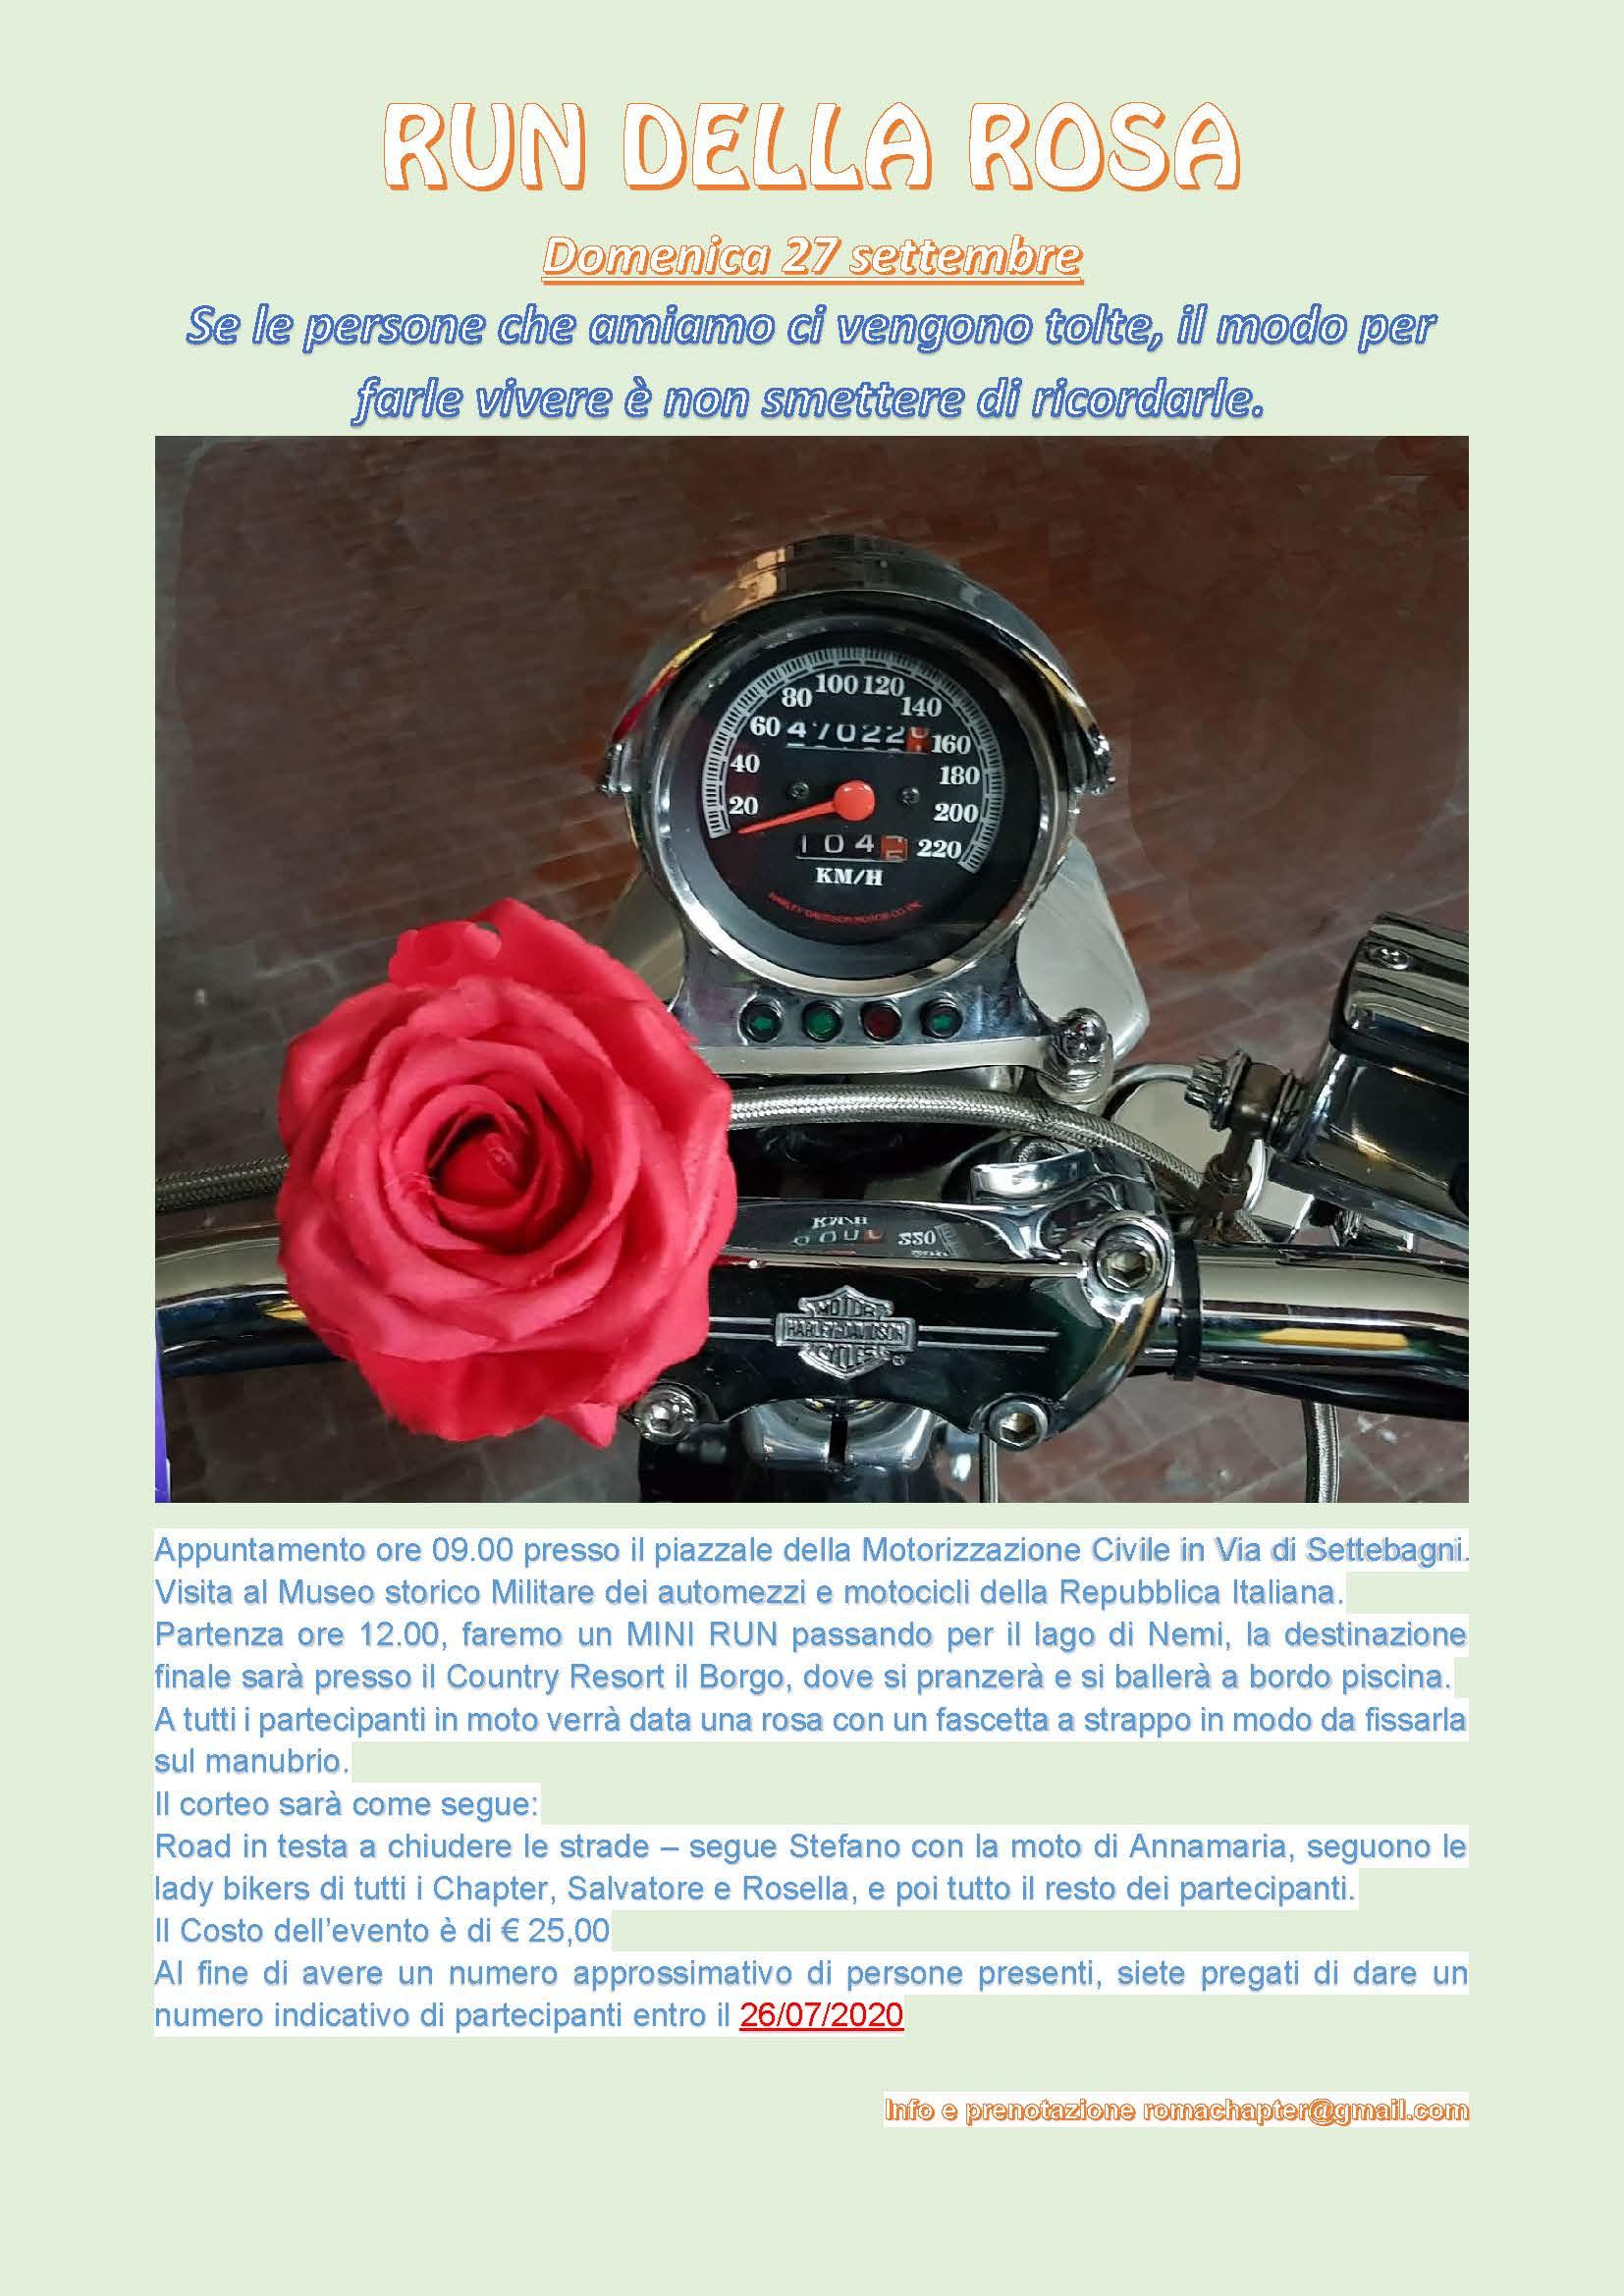 Run della Rosa: In ricordo di Annamaria, 27 settembre 2020